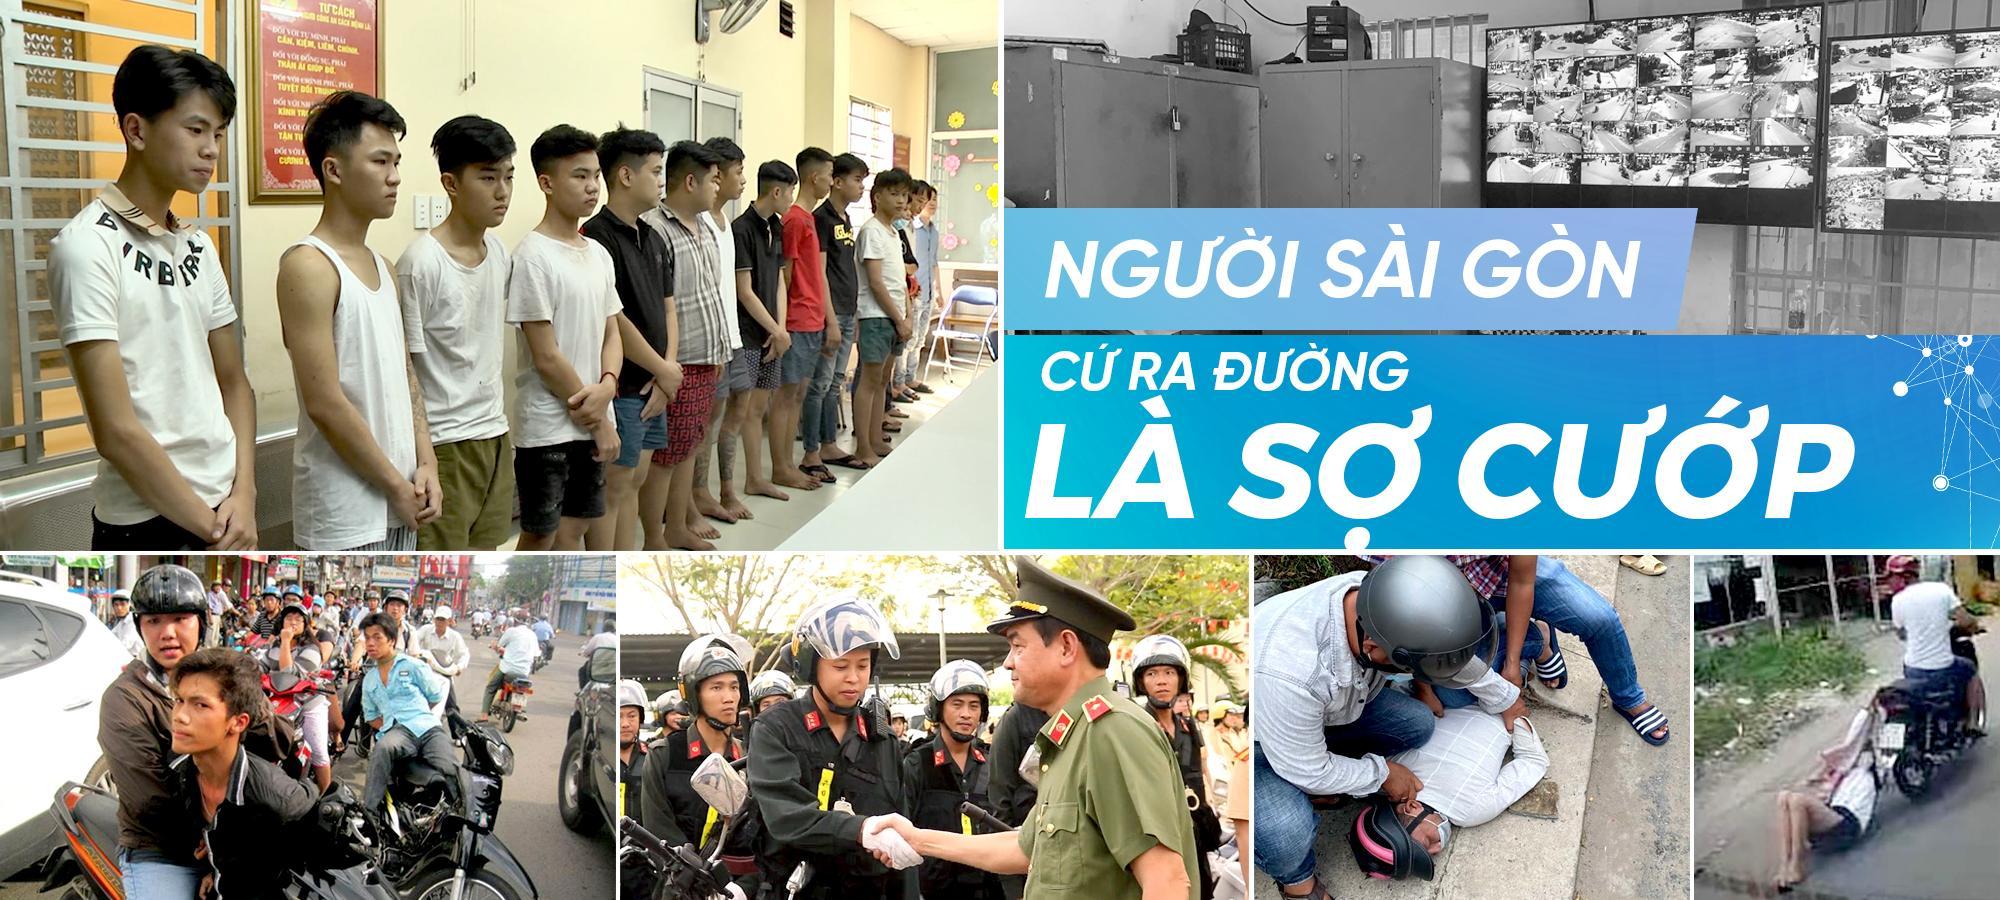 Người Sài Gòn cứ ra đường là sợ cướp